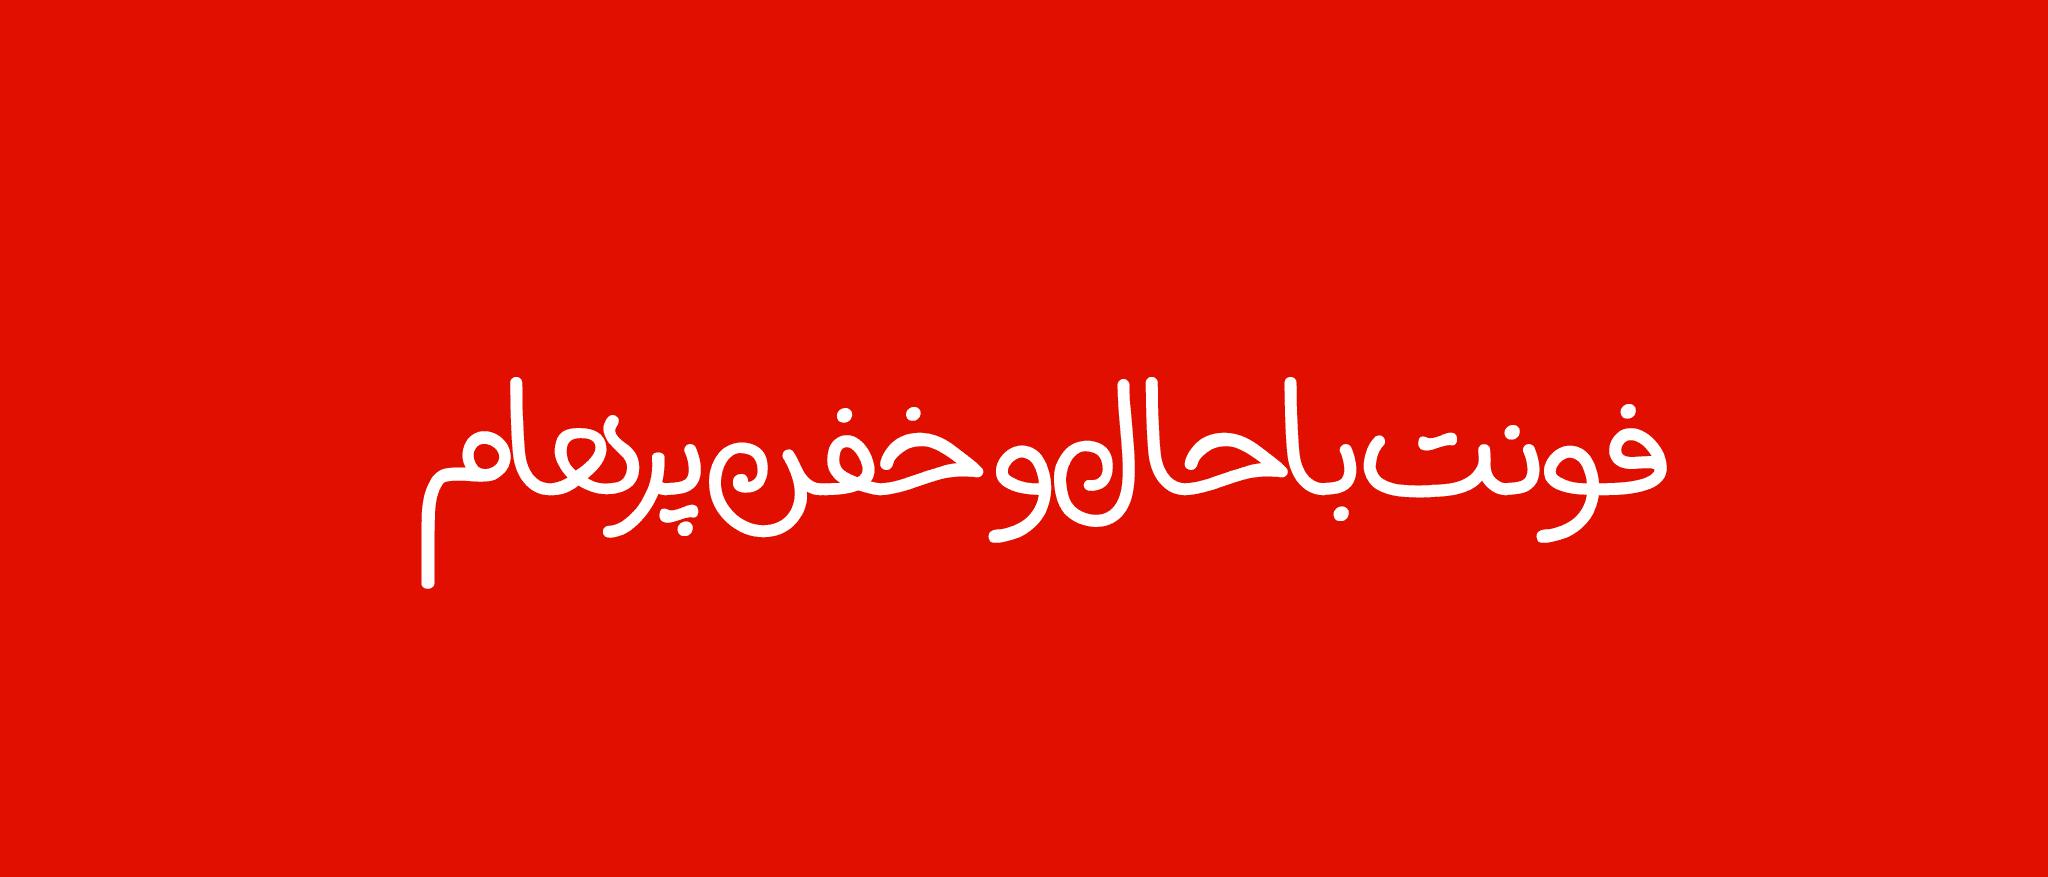 فونت فارسی پرهام